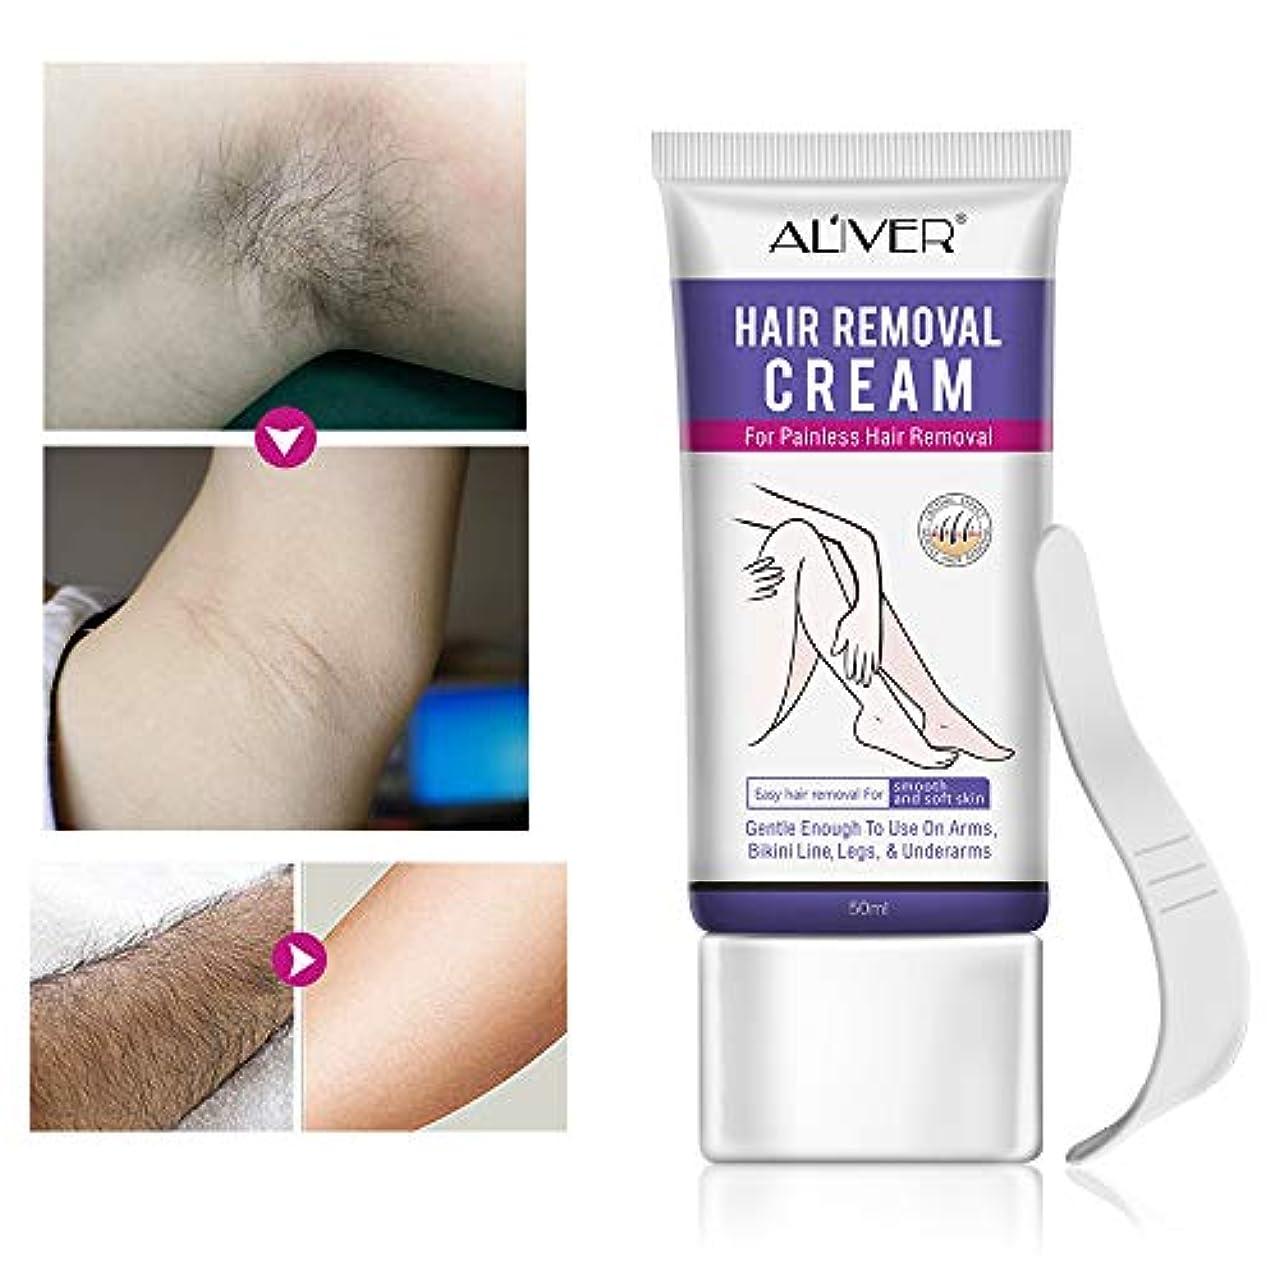 大量実行可能ブルームWenVann 50ml脱毛クリームはマイルドで毛足を刺激しませんボディケアは肌を傷つけません